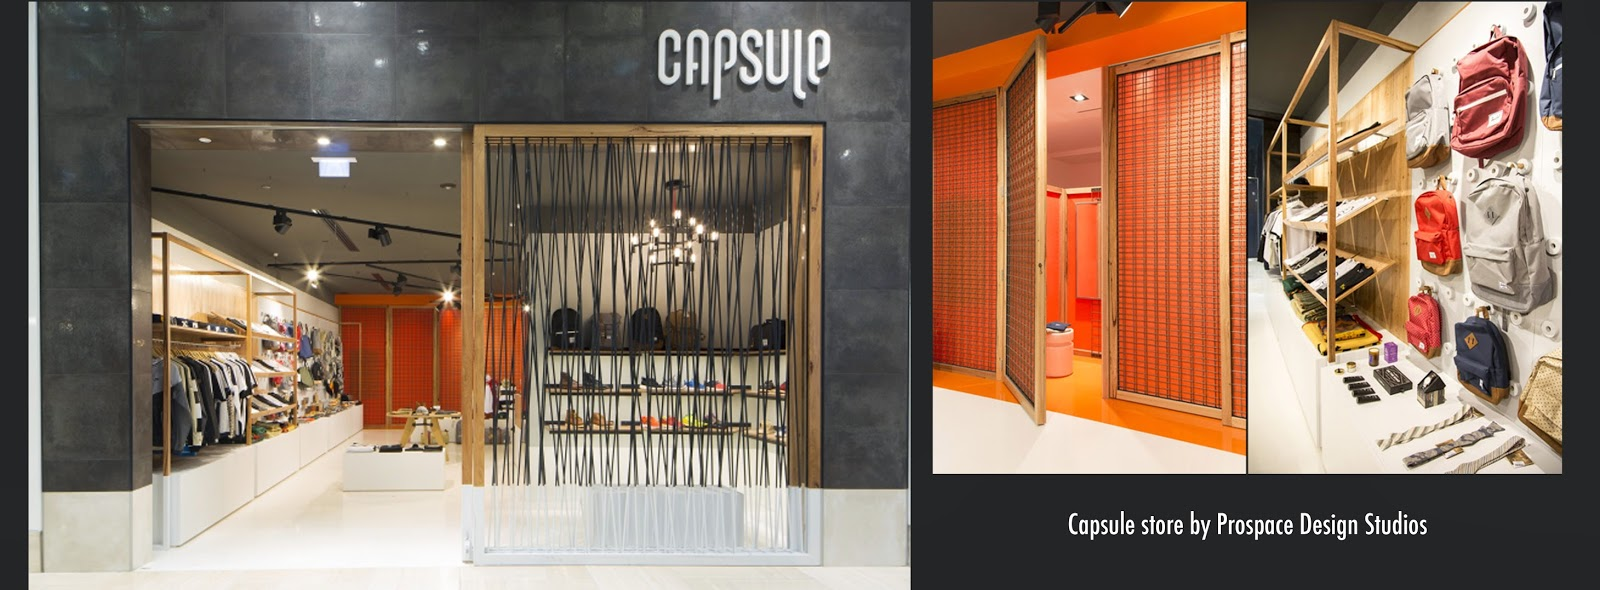 diseño de interiores guatemala, Atelier taller de espacios, decoracion guatemala, mercadeo visual, vitrina, diseño de tienda,